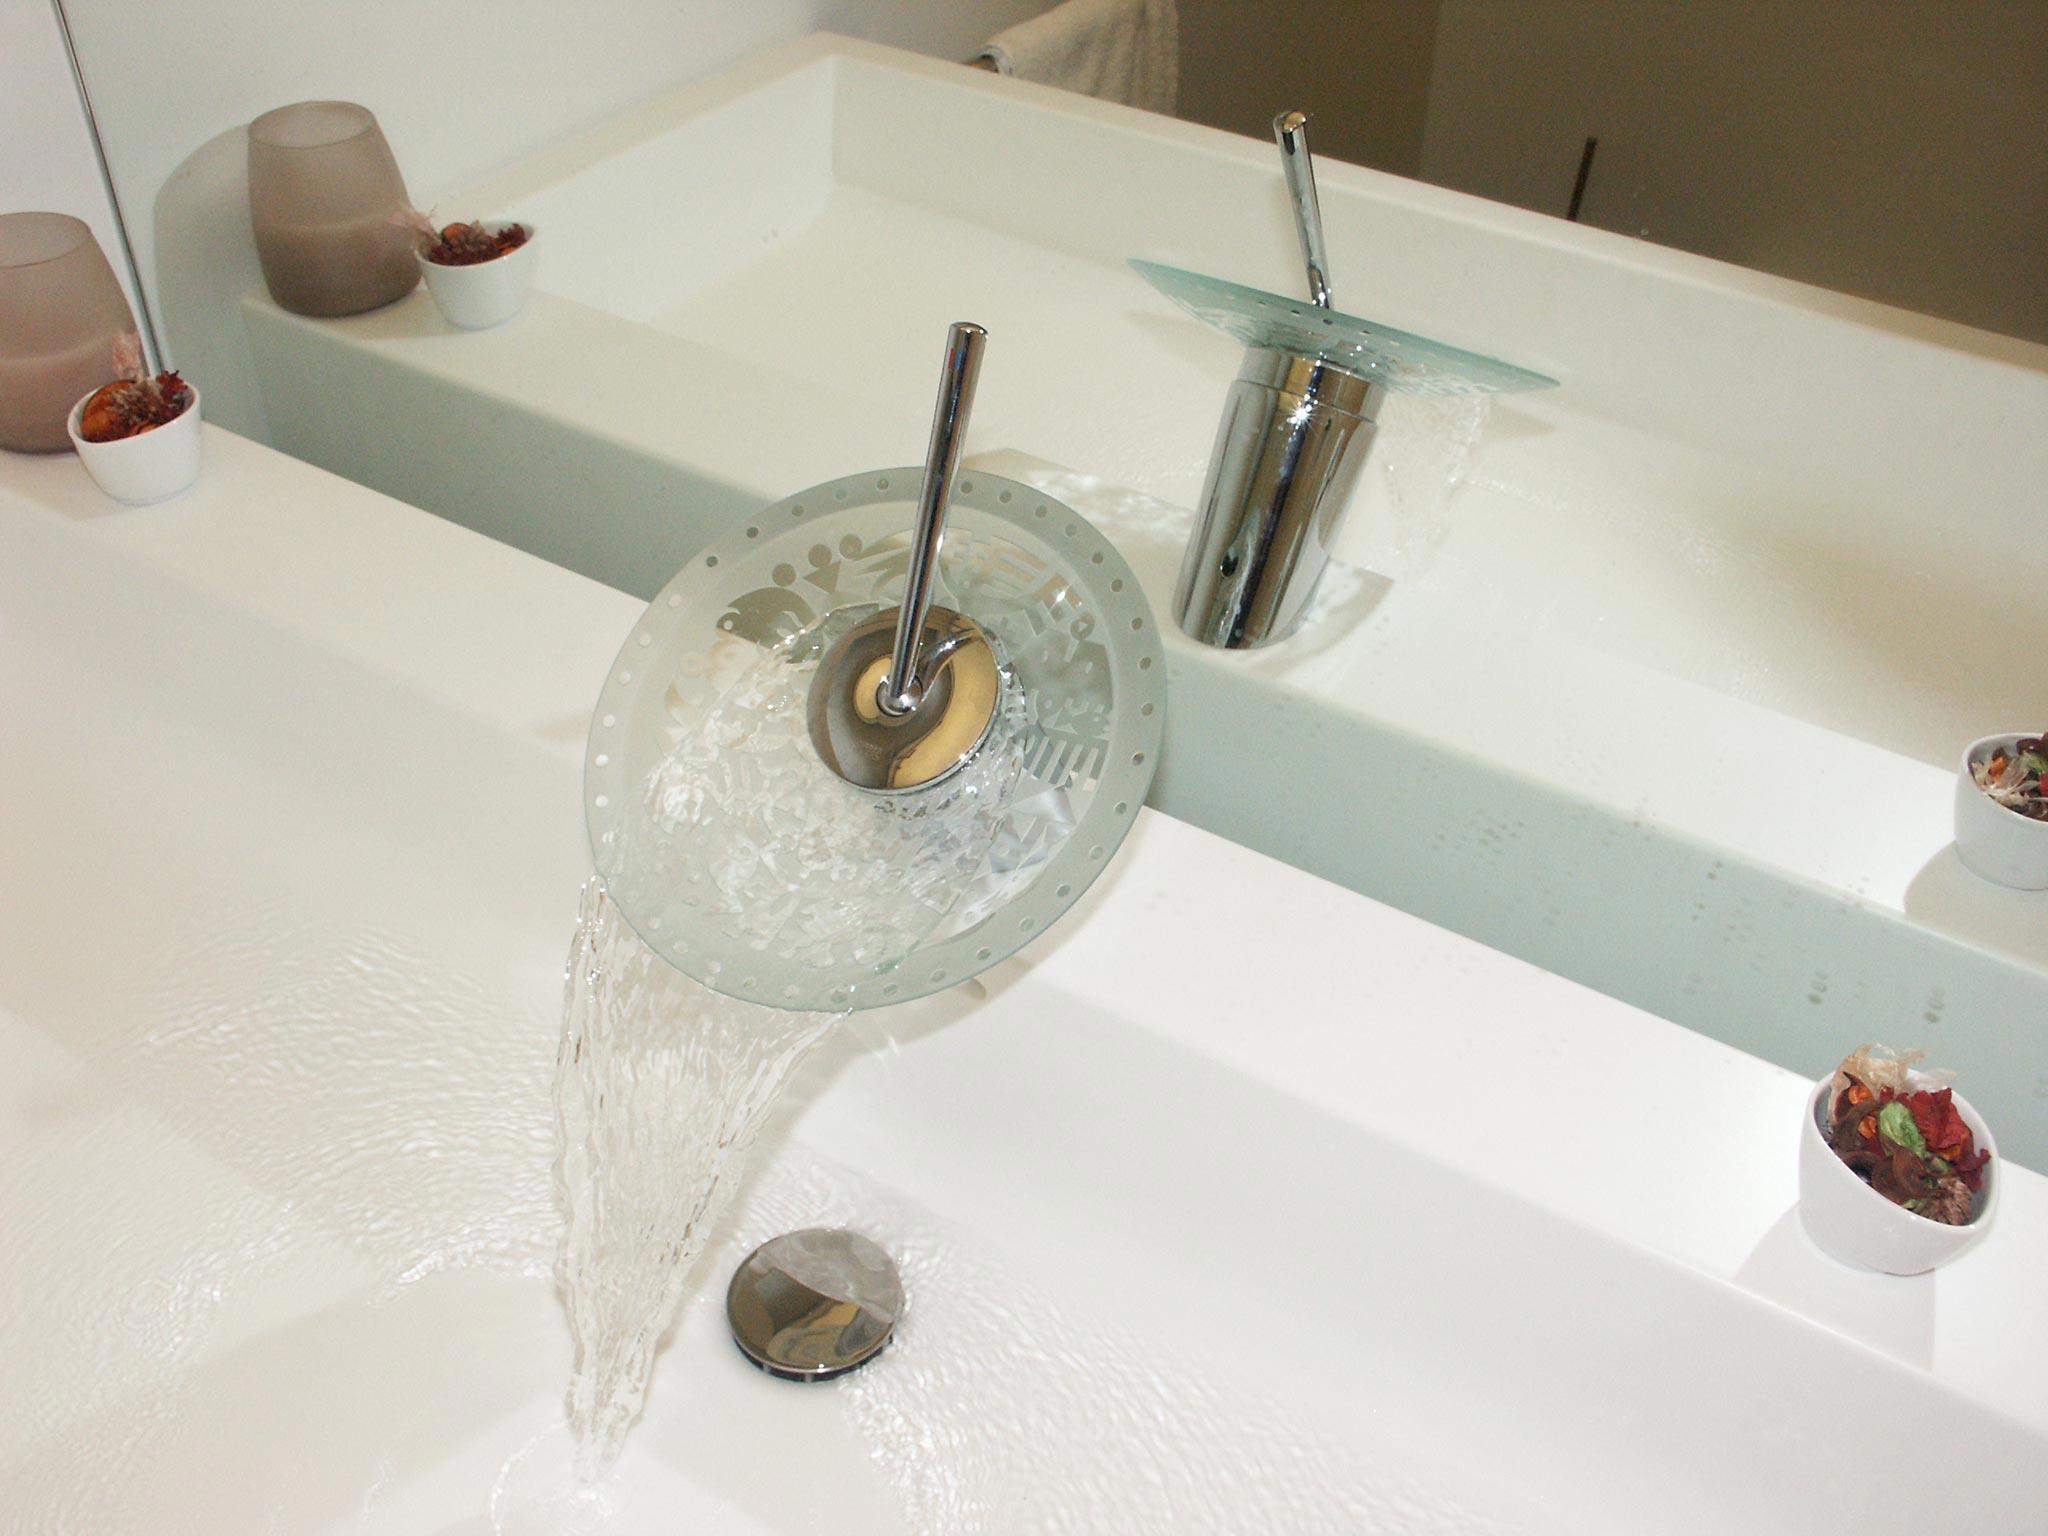 Es Gd Raccard 678 Wc hor 20 05 013 - Les salles de bain du Grand Raccard